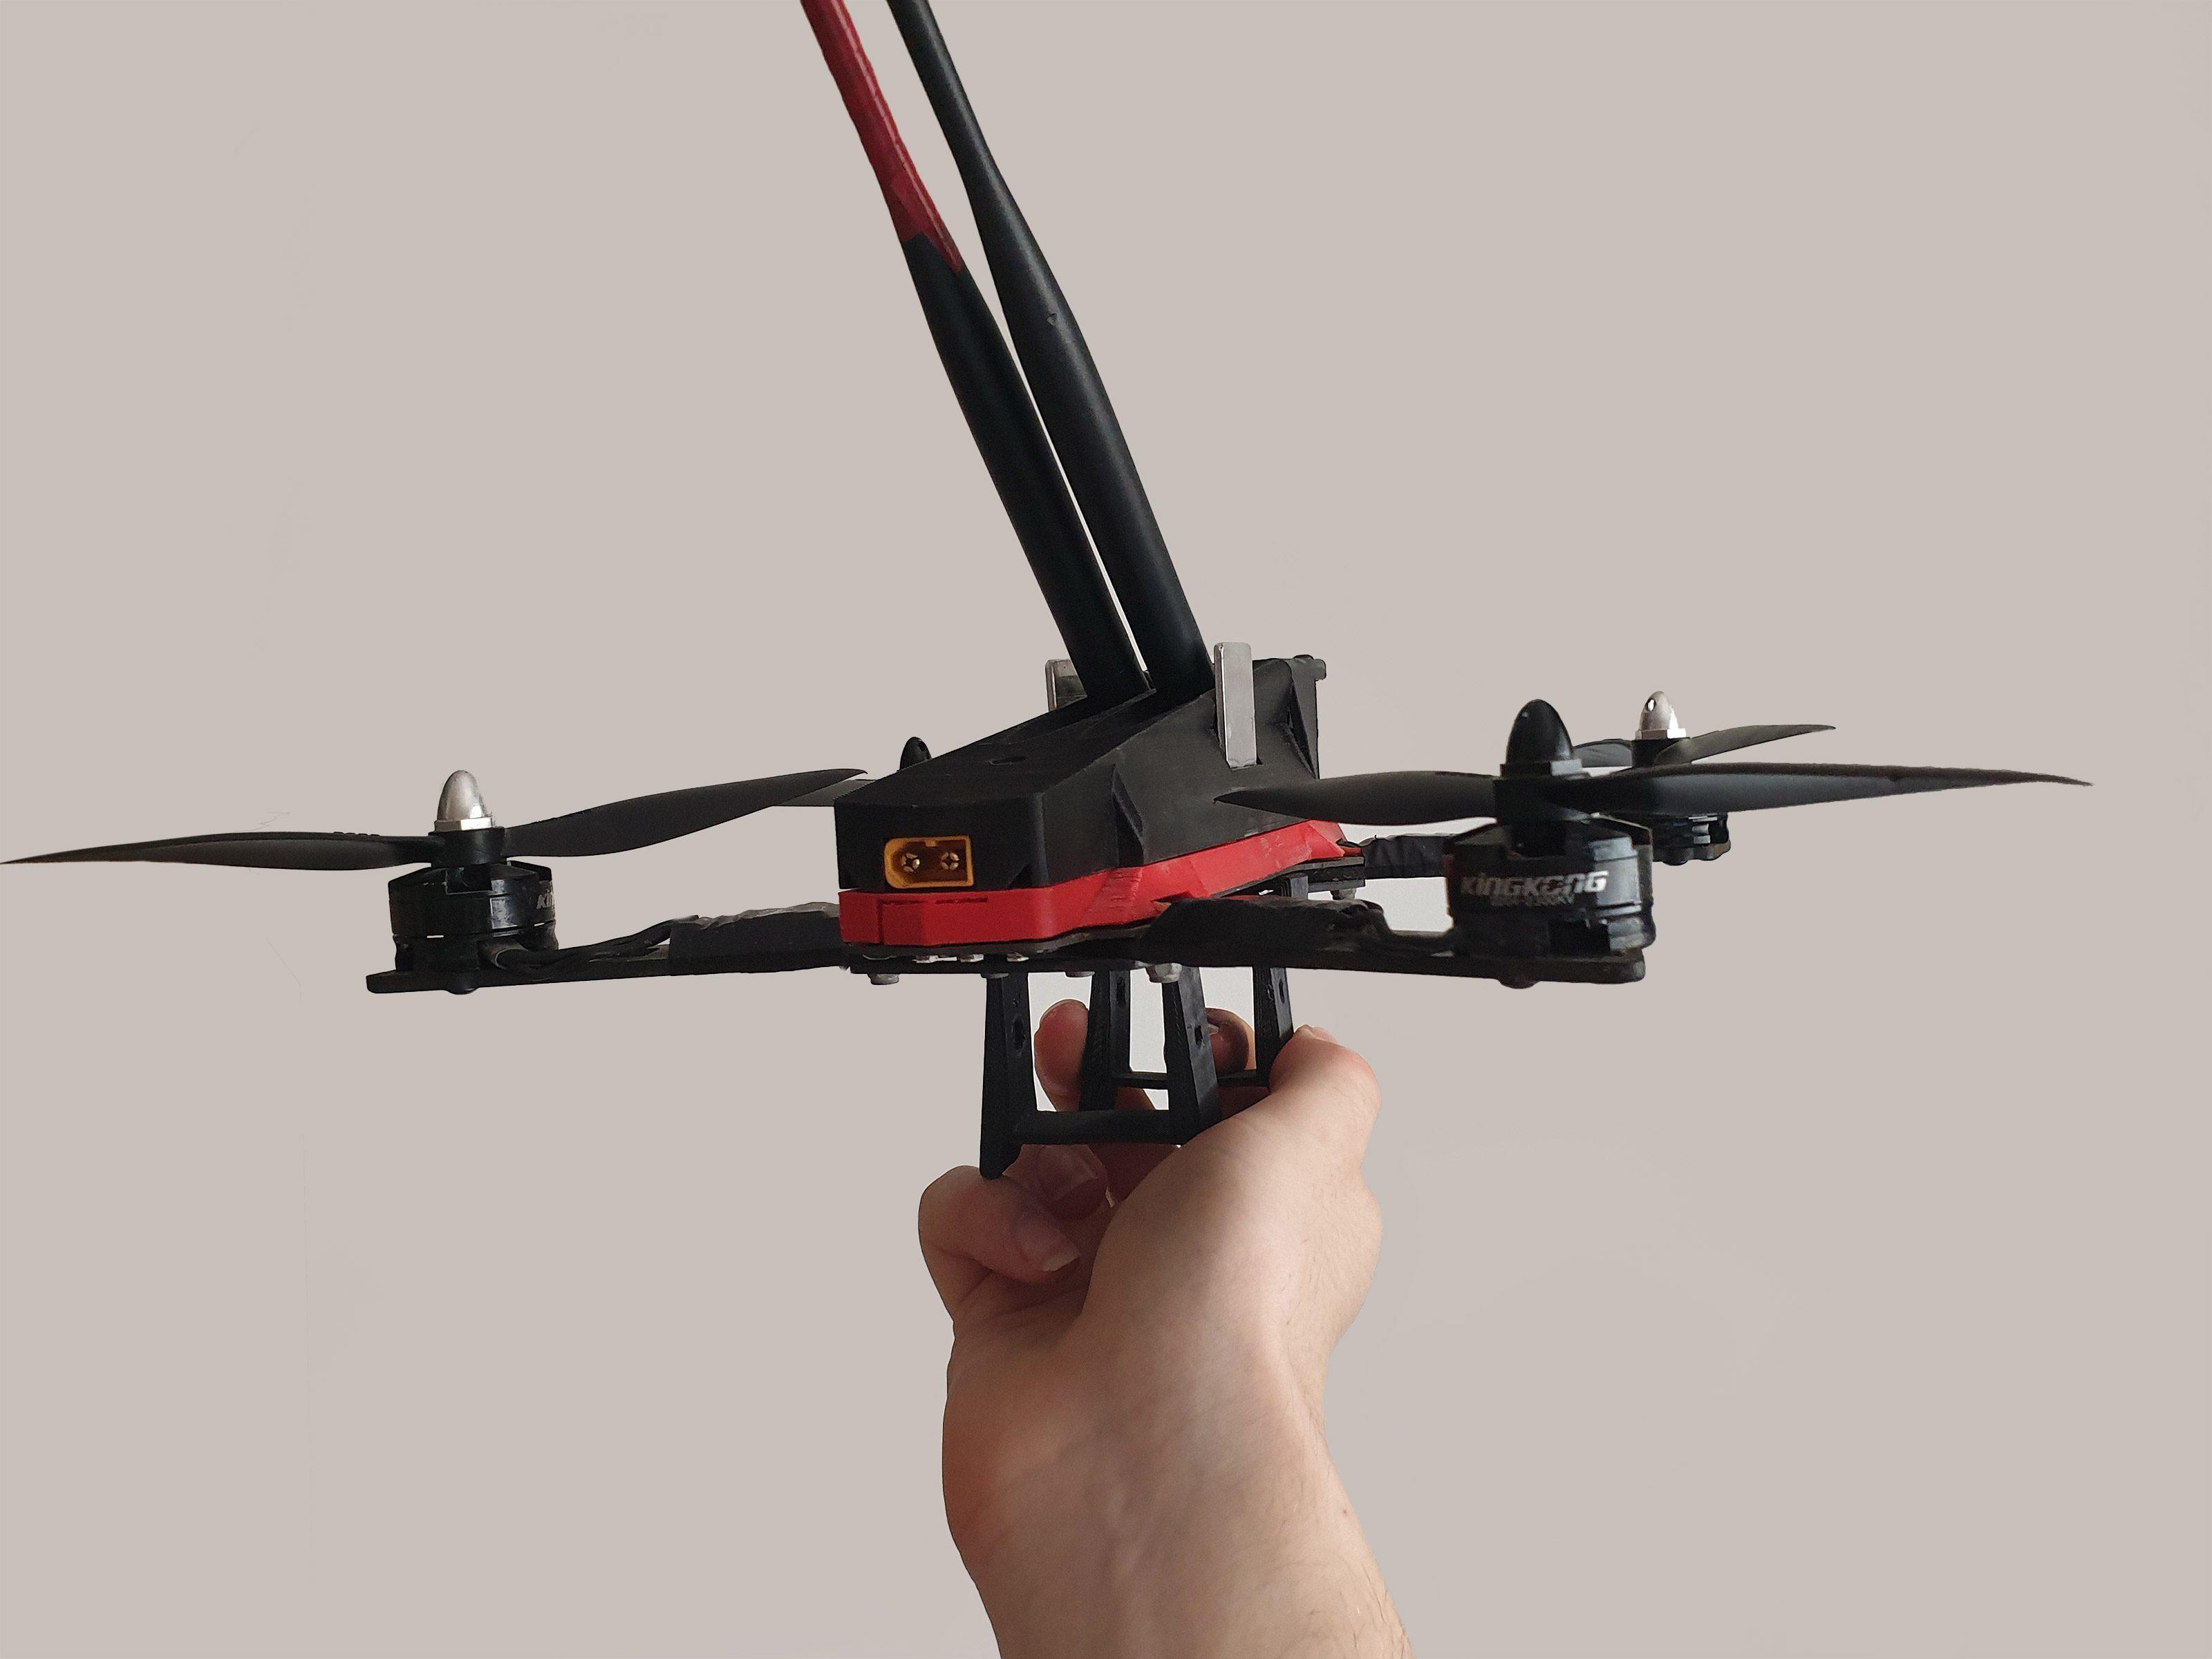 Drone - Alt. angle